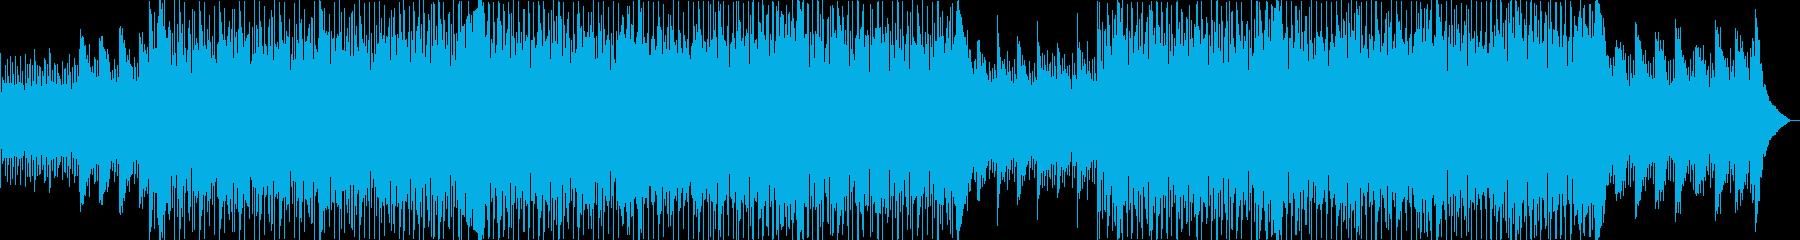 ギターのハーモニクス、シンセサイザ...の再生済みの波形